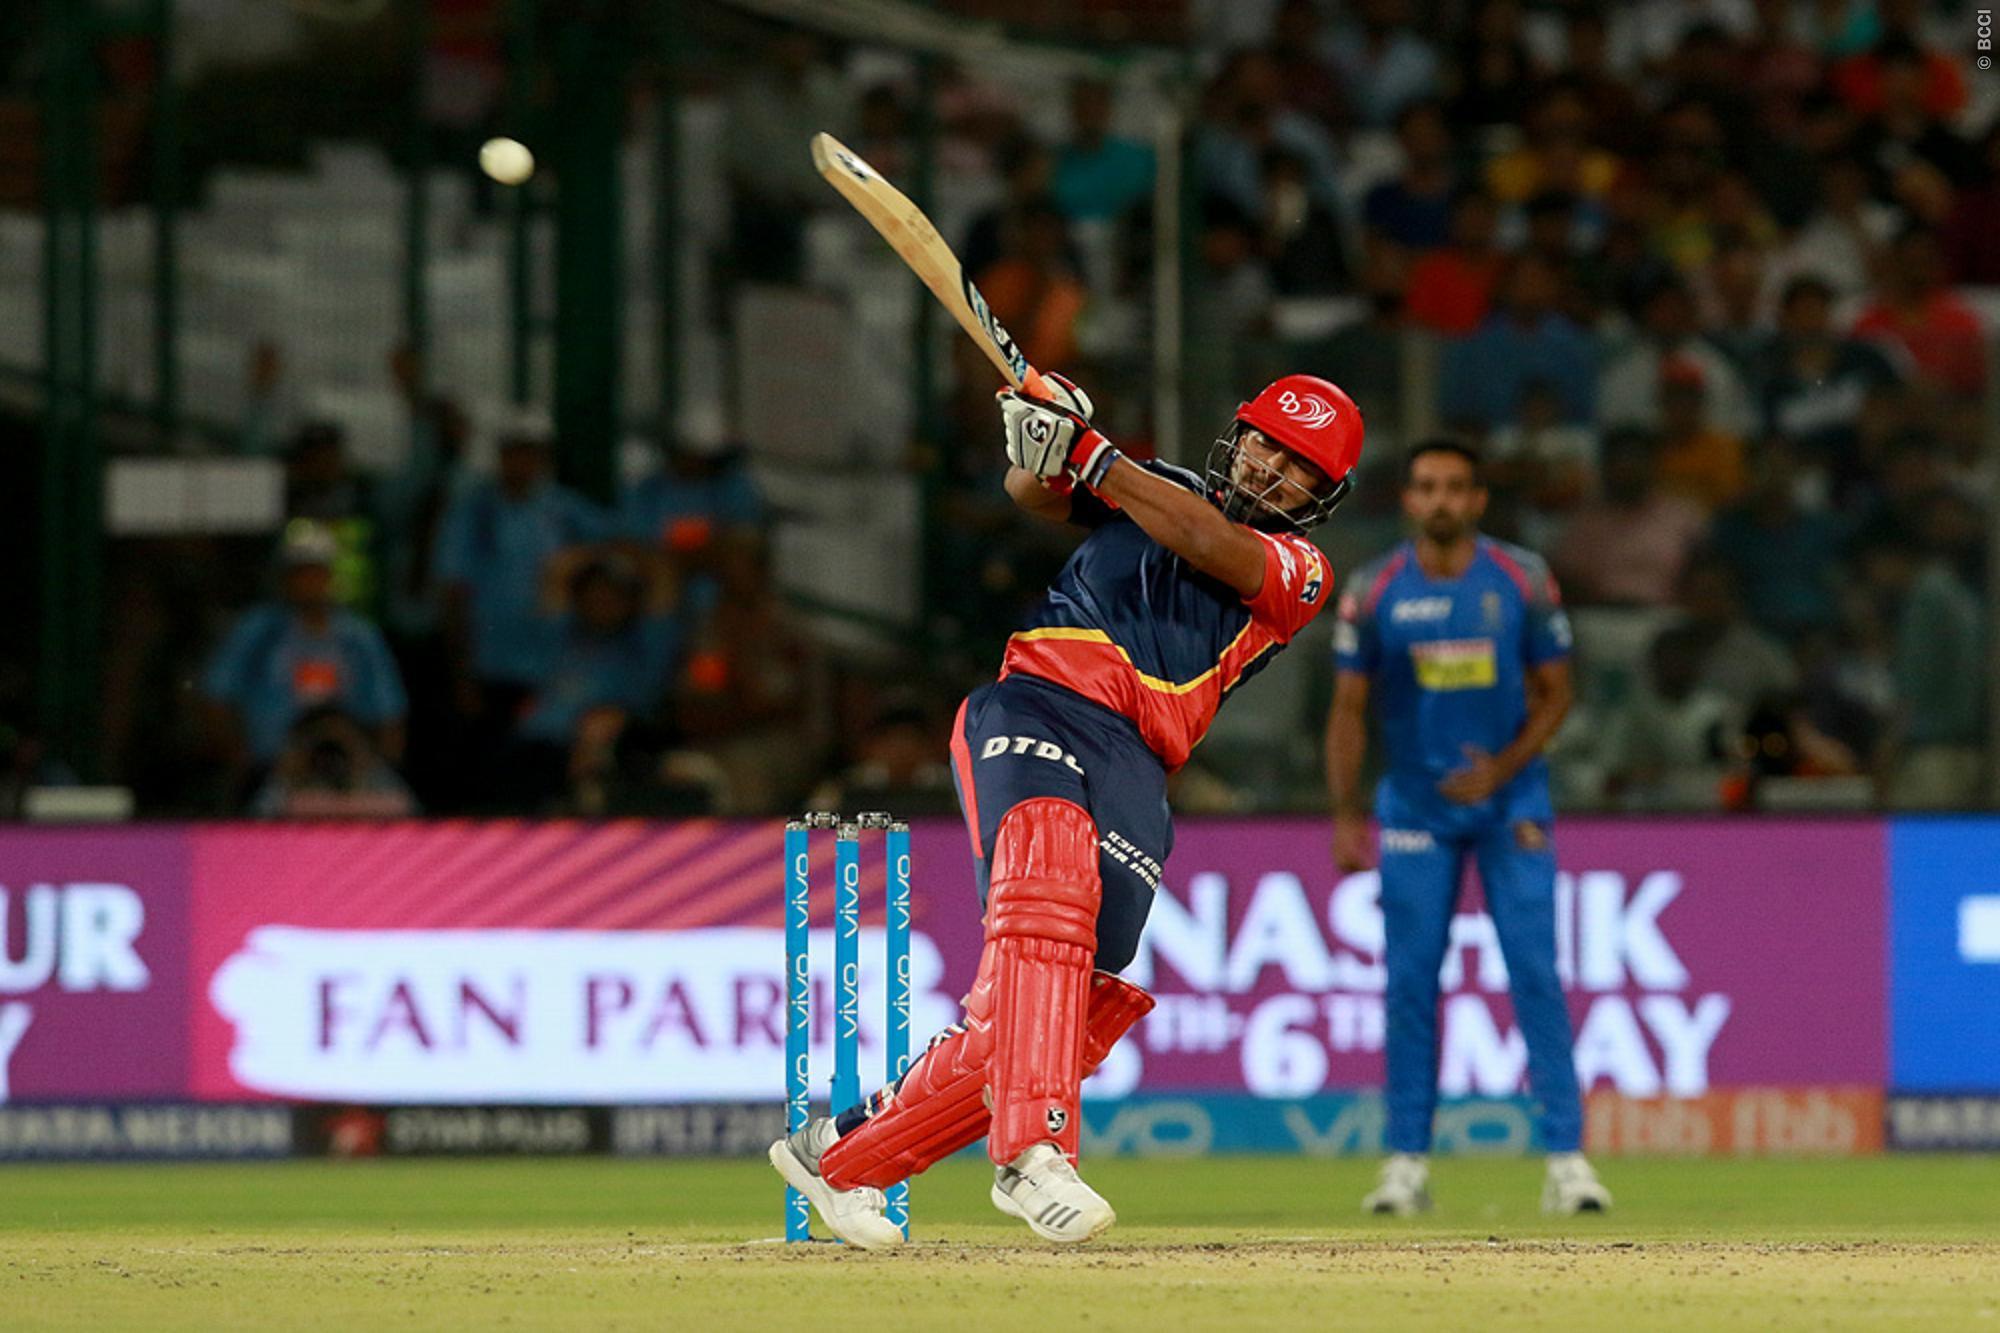 STATS: दिल्ली और राजस्थान के मैच में बने कुल 9 रिकॉर्ड, ऋषभ पंत ने तोड़ डाला रोहित शर्मा का वर्षों पुराना रिकॉर्ड